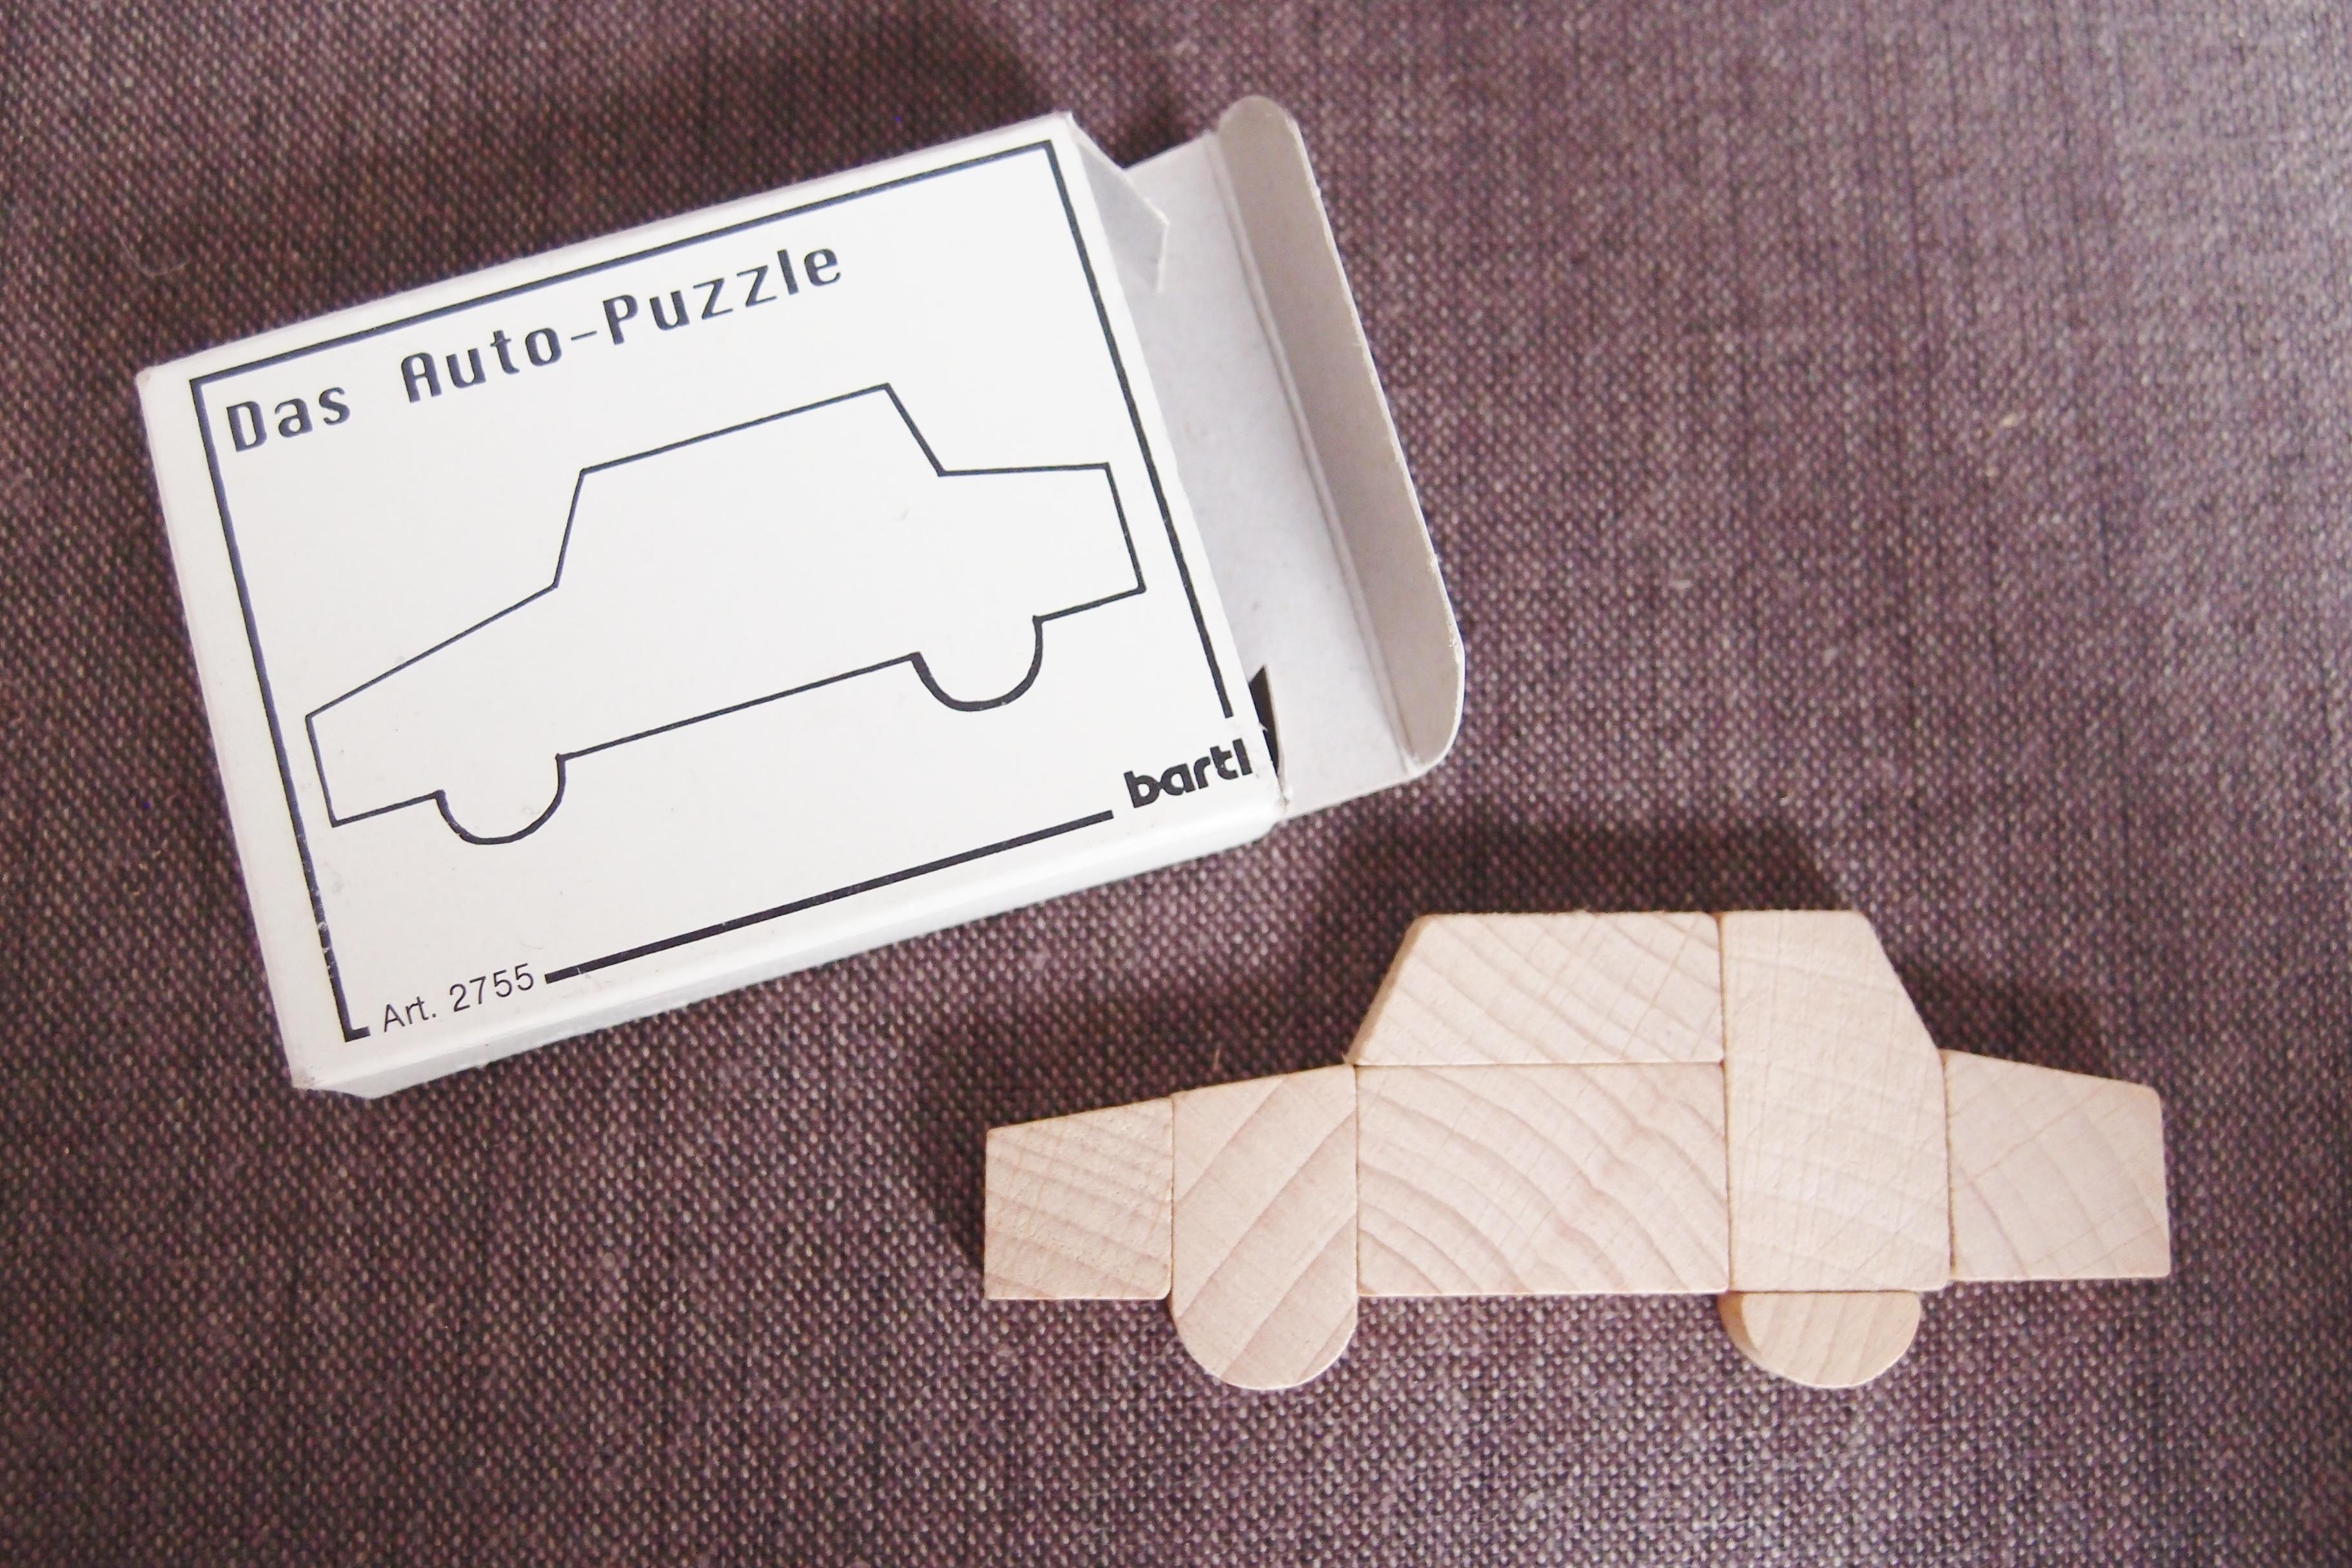 Teufelsknotenと言う、ドイツ製のパズルみたいなおもちゃ×2種類